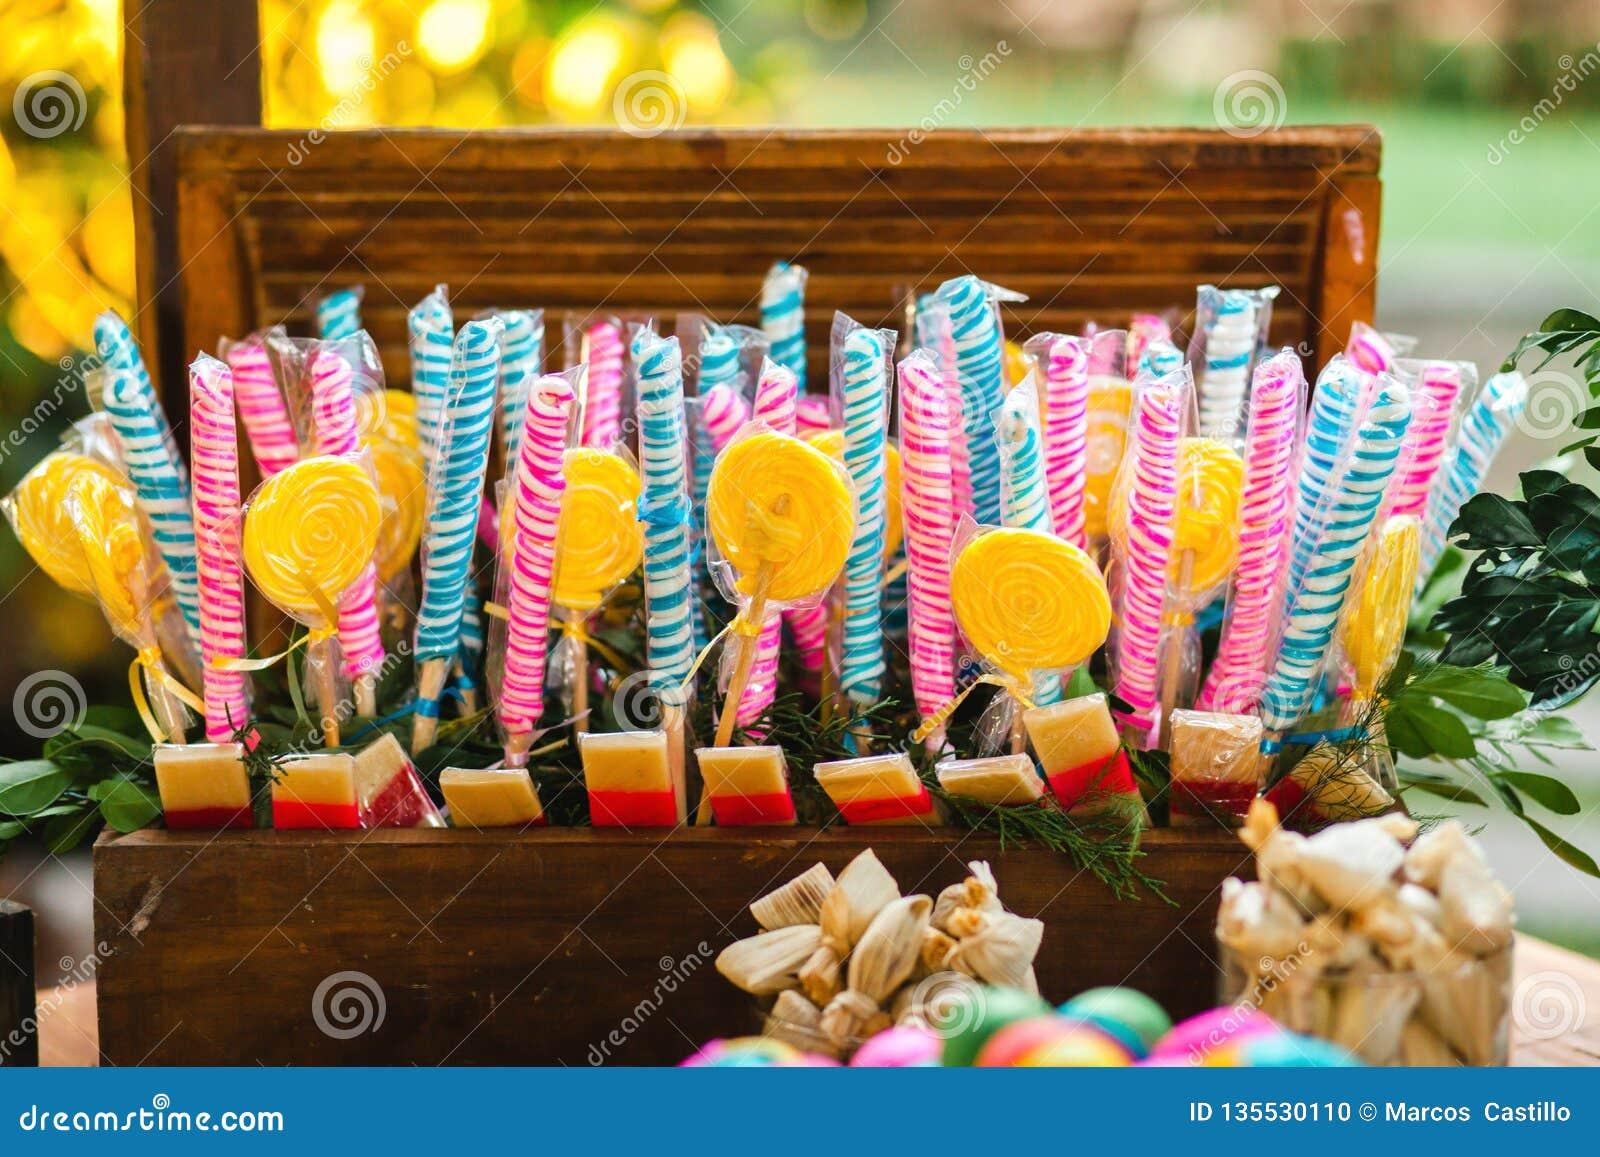 Lucettes colorées et sucrerie colorée différente sur une boîte en bois